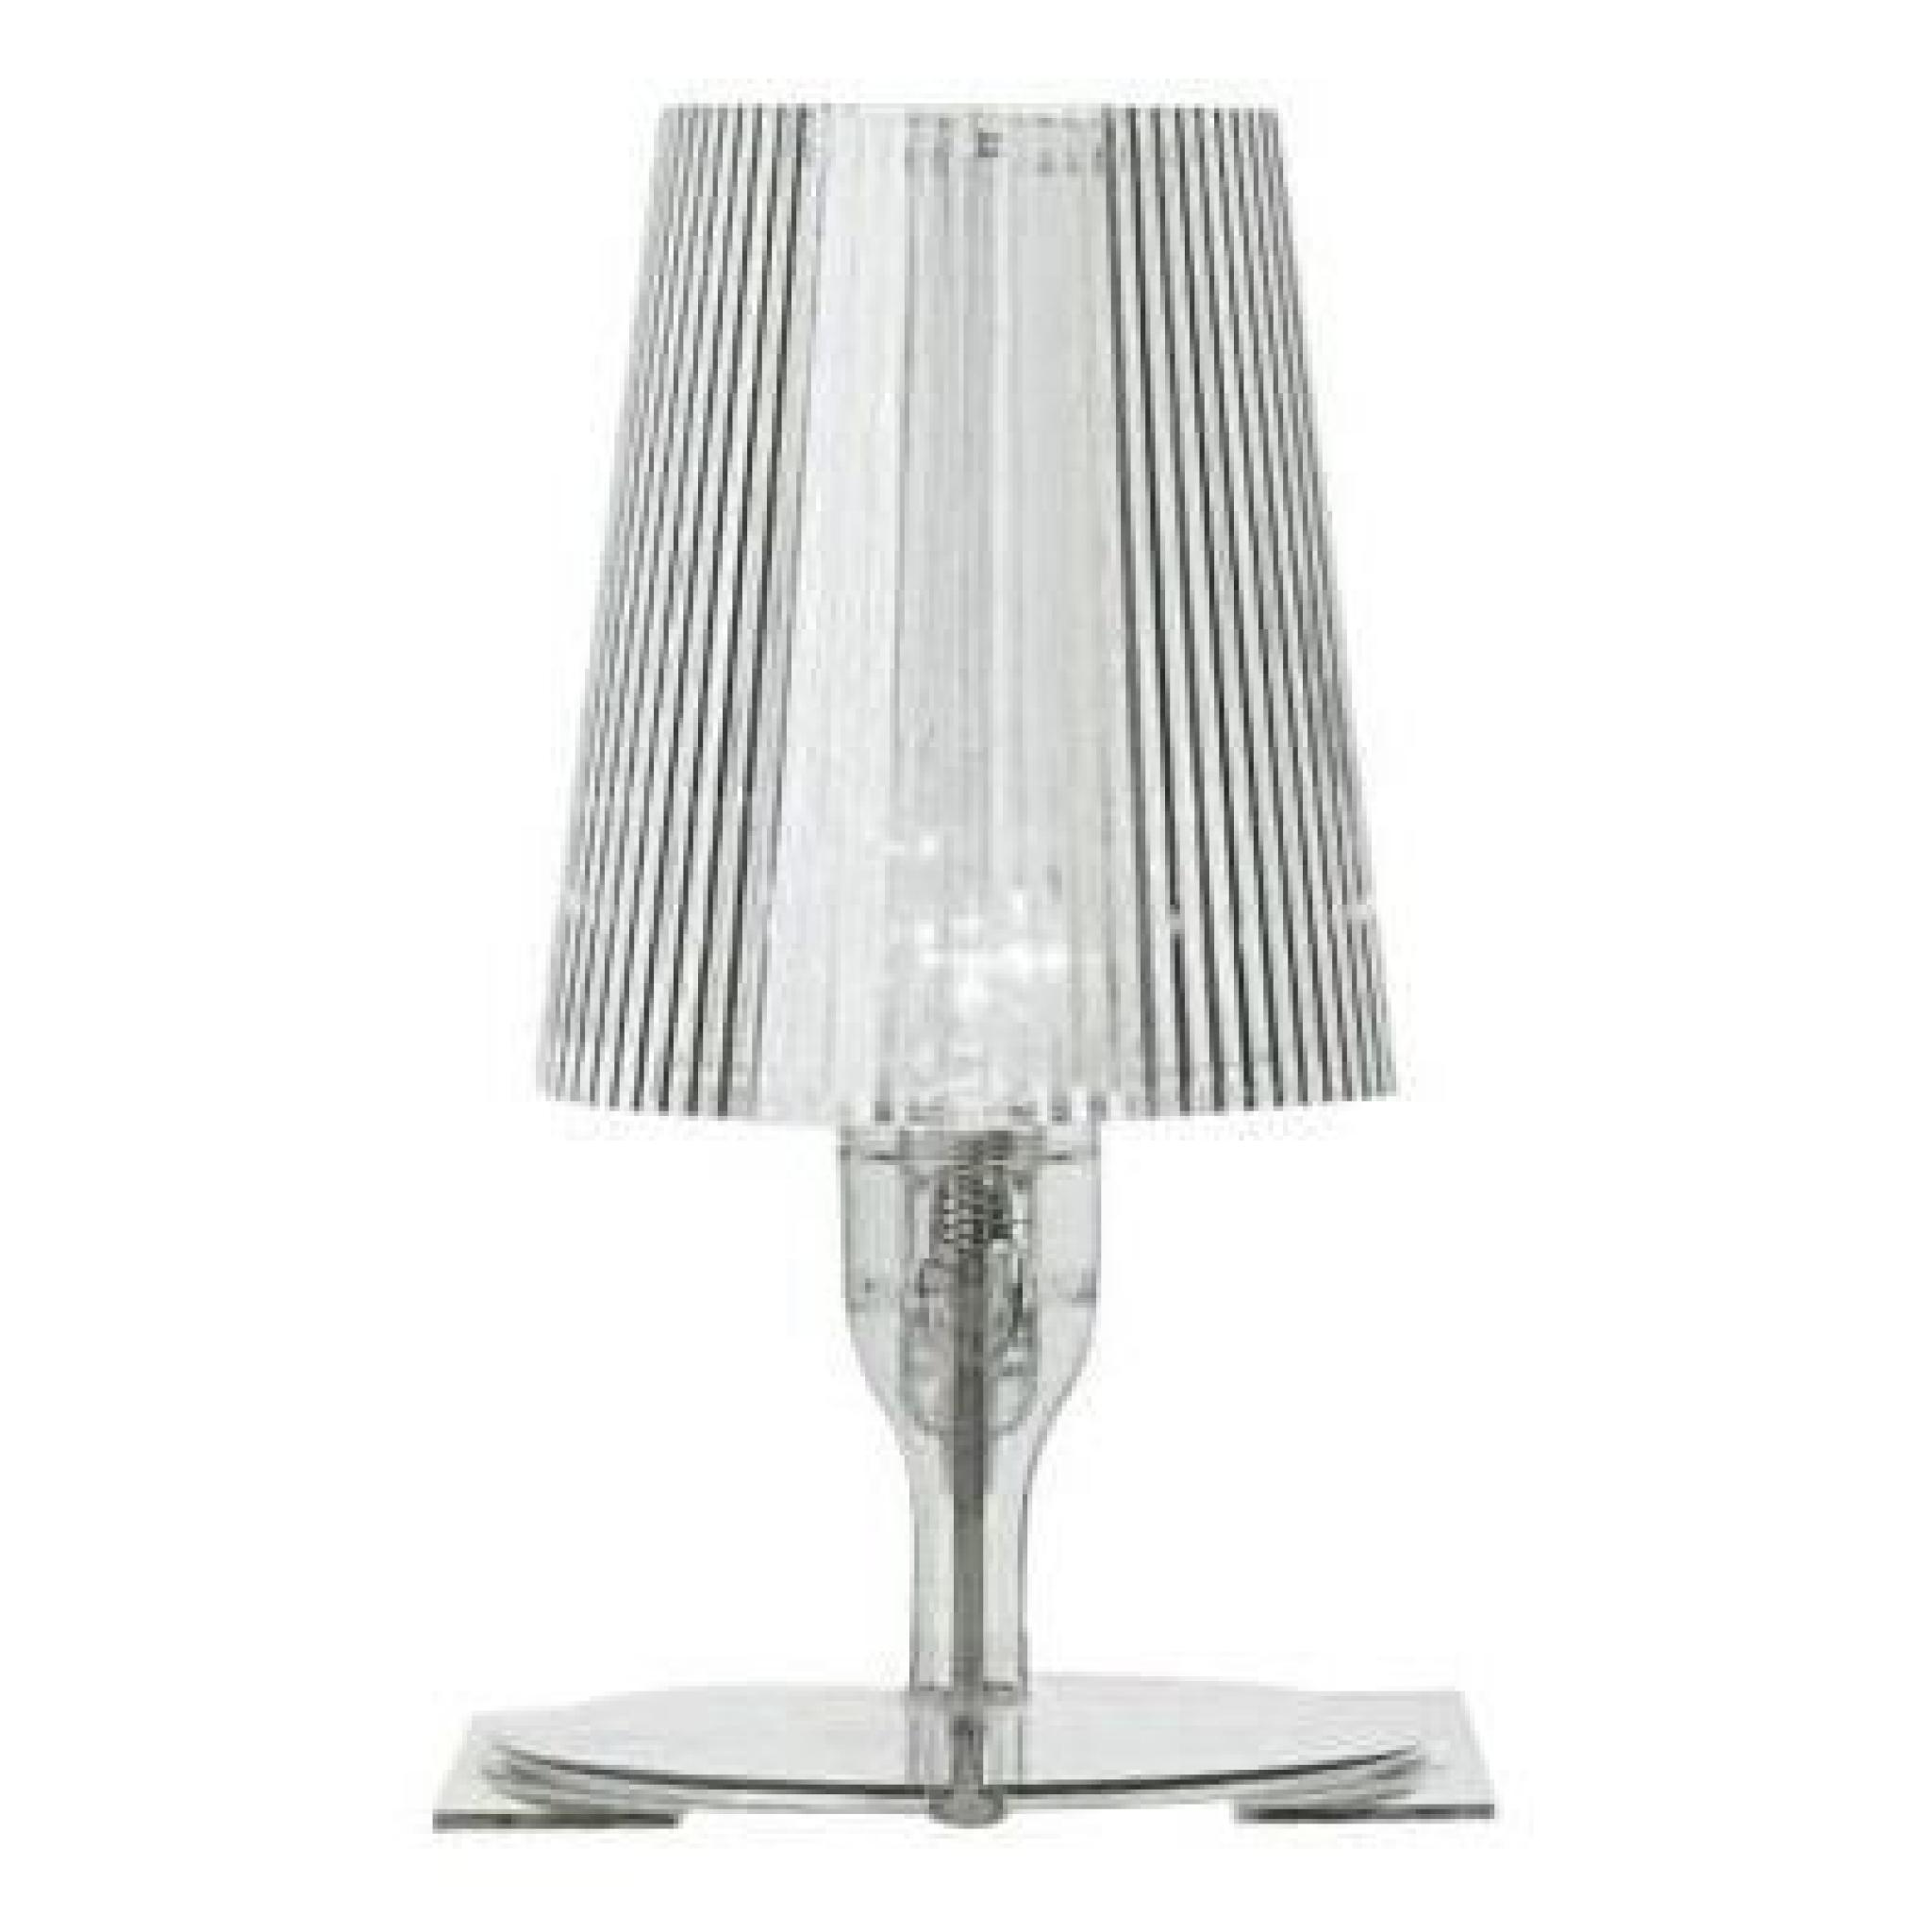 kartell 9050b4 lampe de chevet take transparent 1 5 Frais Lampe De Chevet Metal Design Kgit4